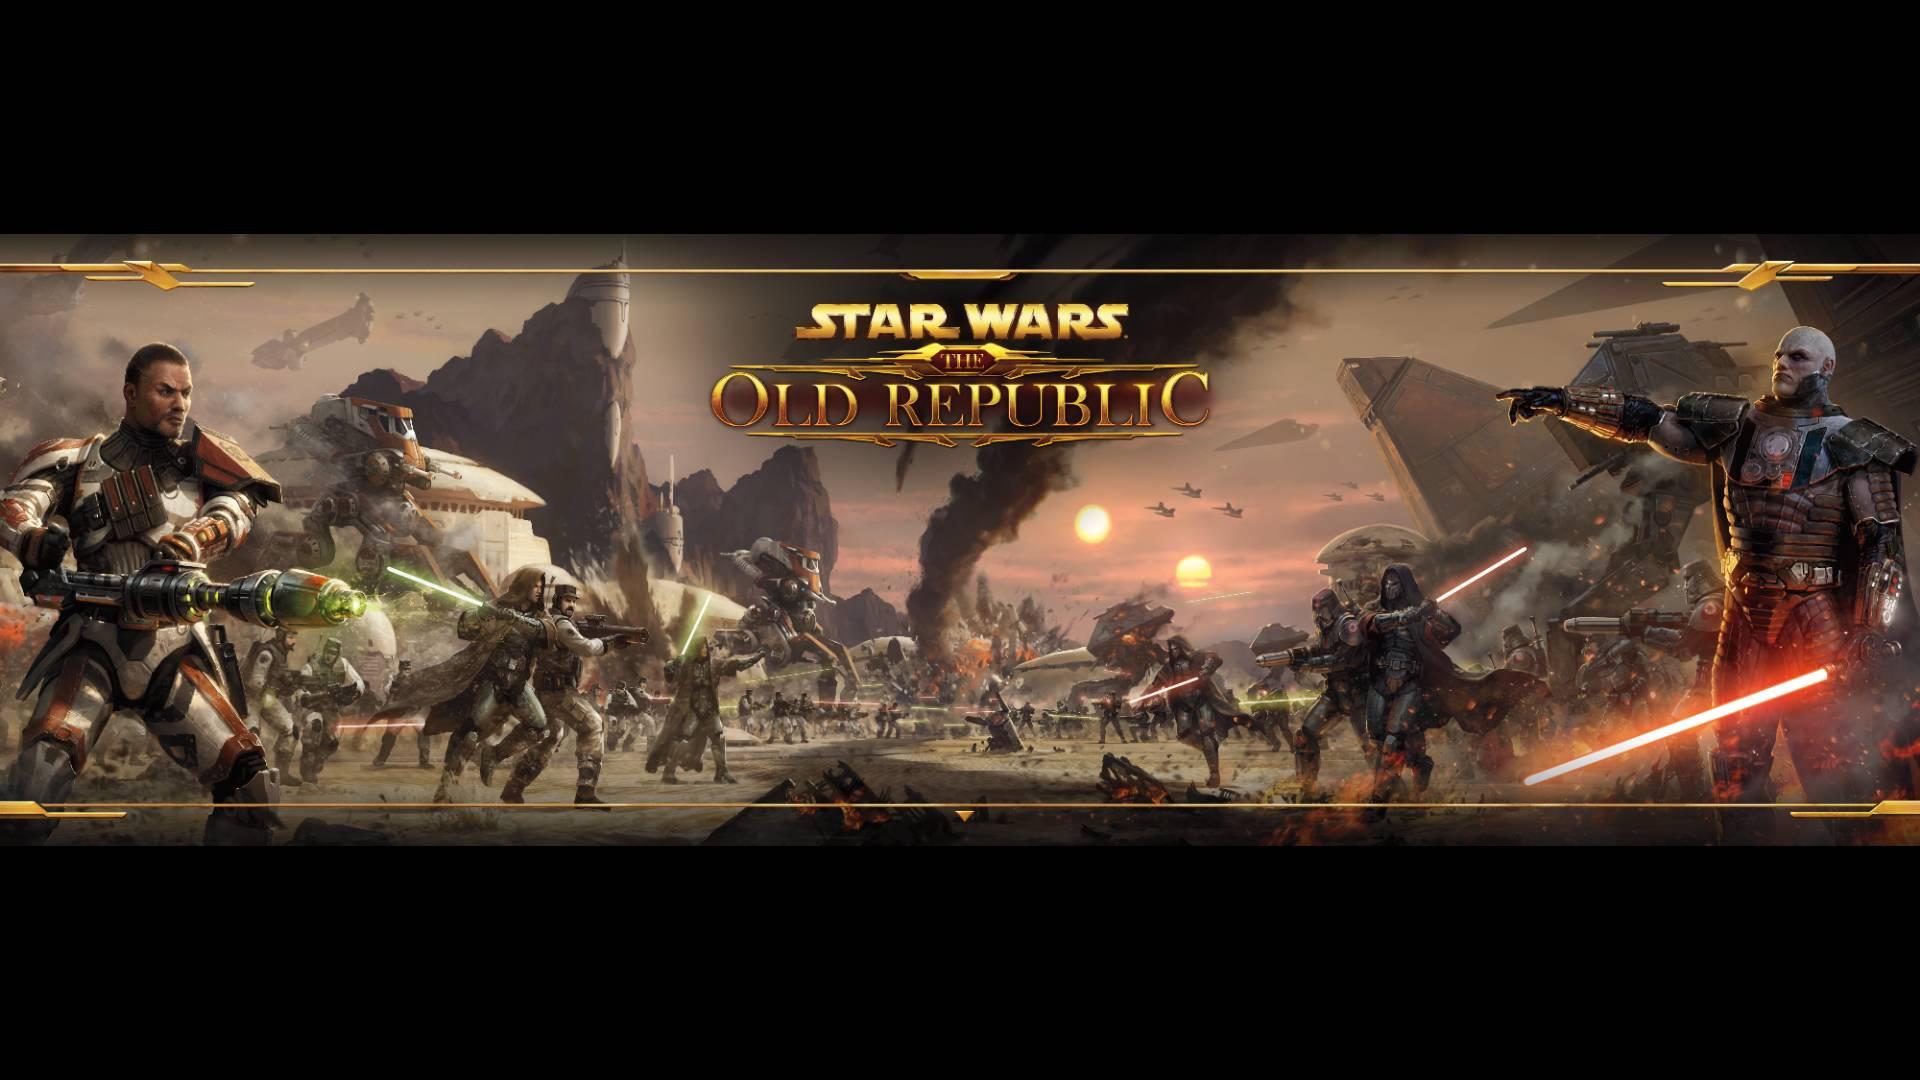 Star Wars The Old Republic wallpaper 10 1920x1080